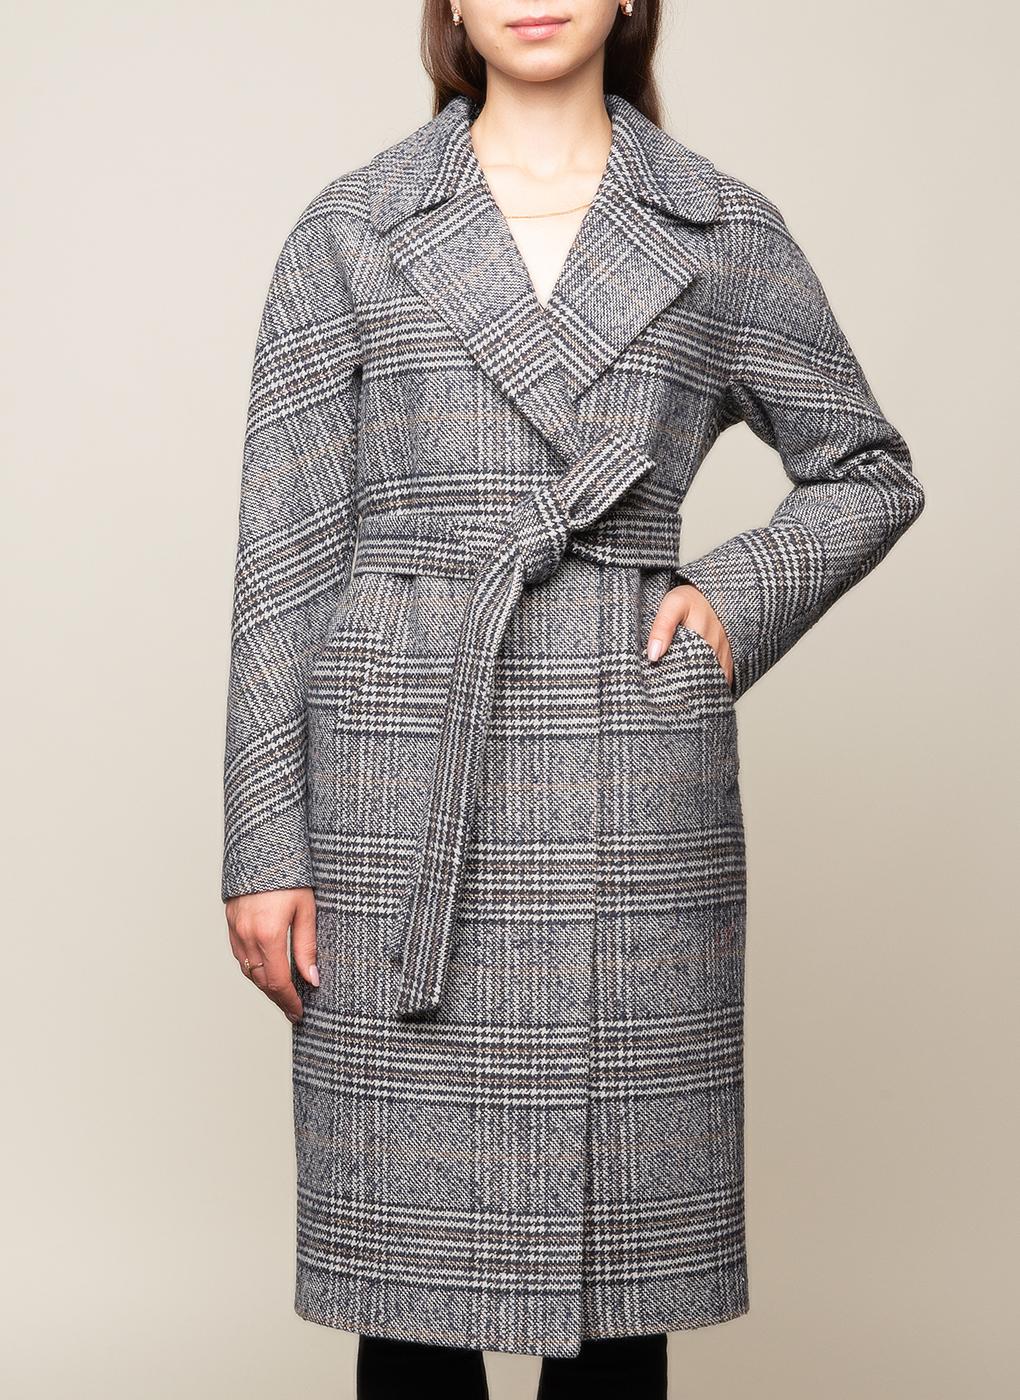 Пальто шерстяное 15, Аллатекс фото